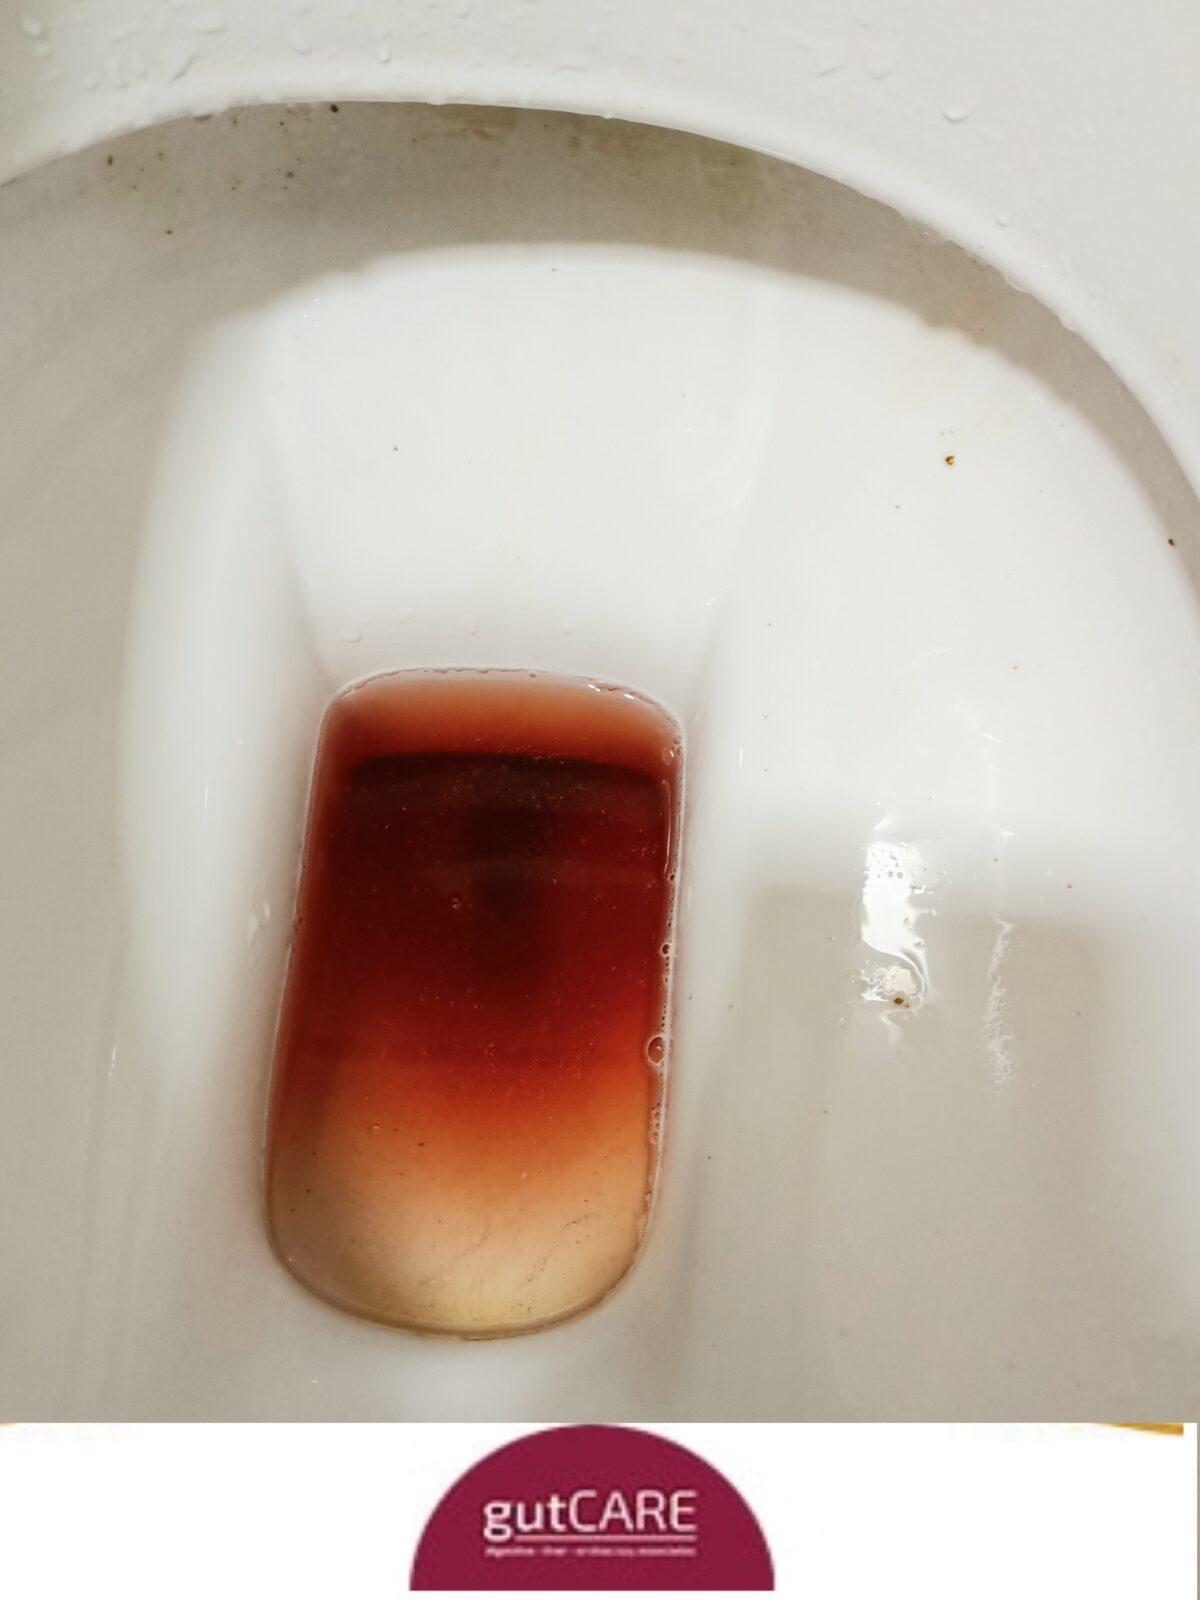 Blood-in-toilet-1200x1600.jpg